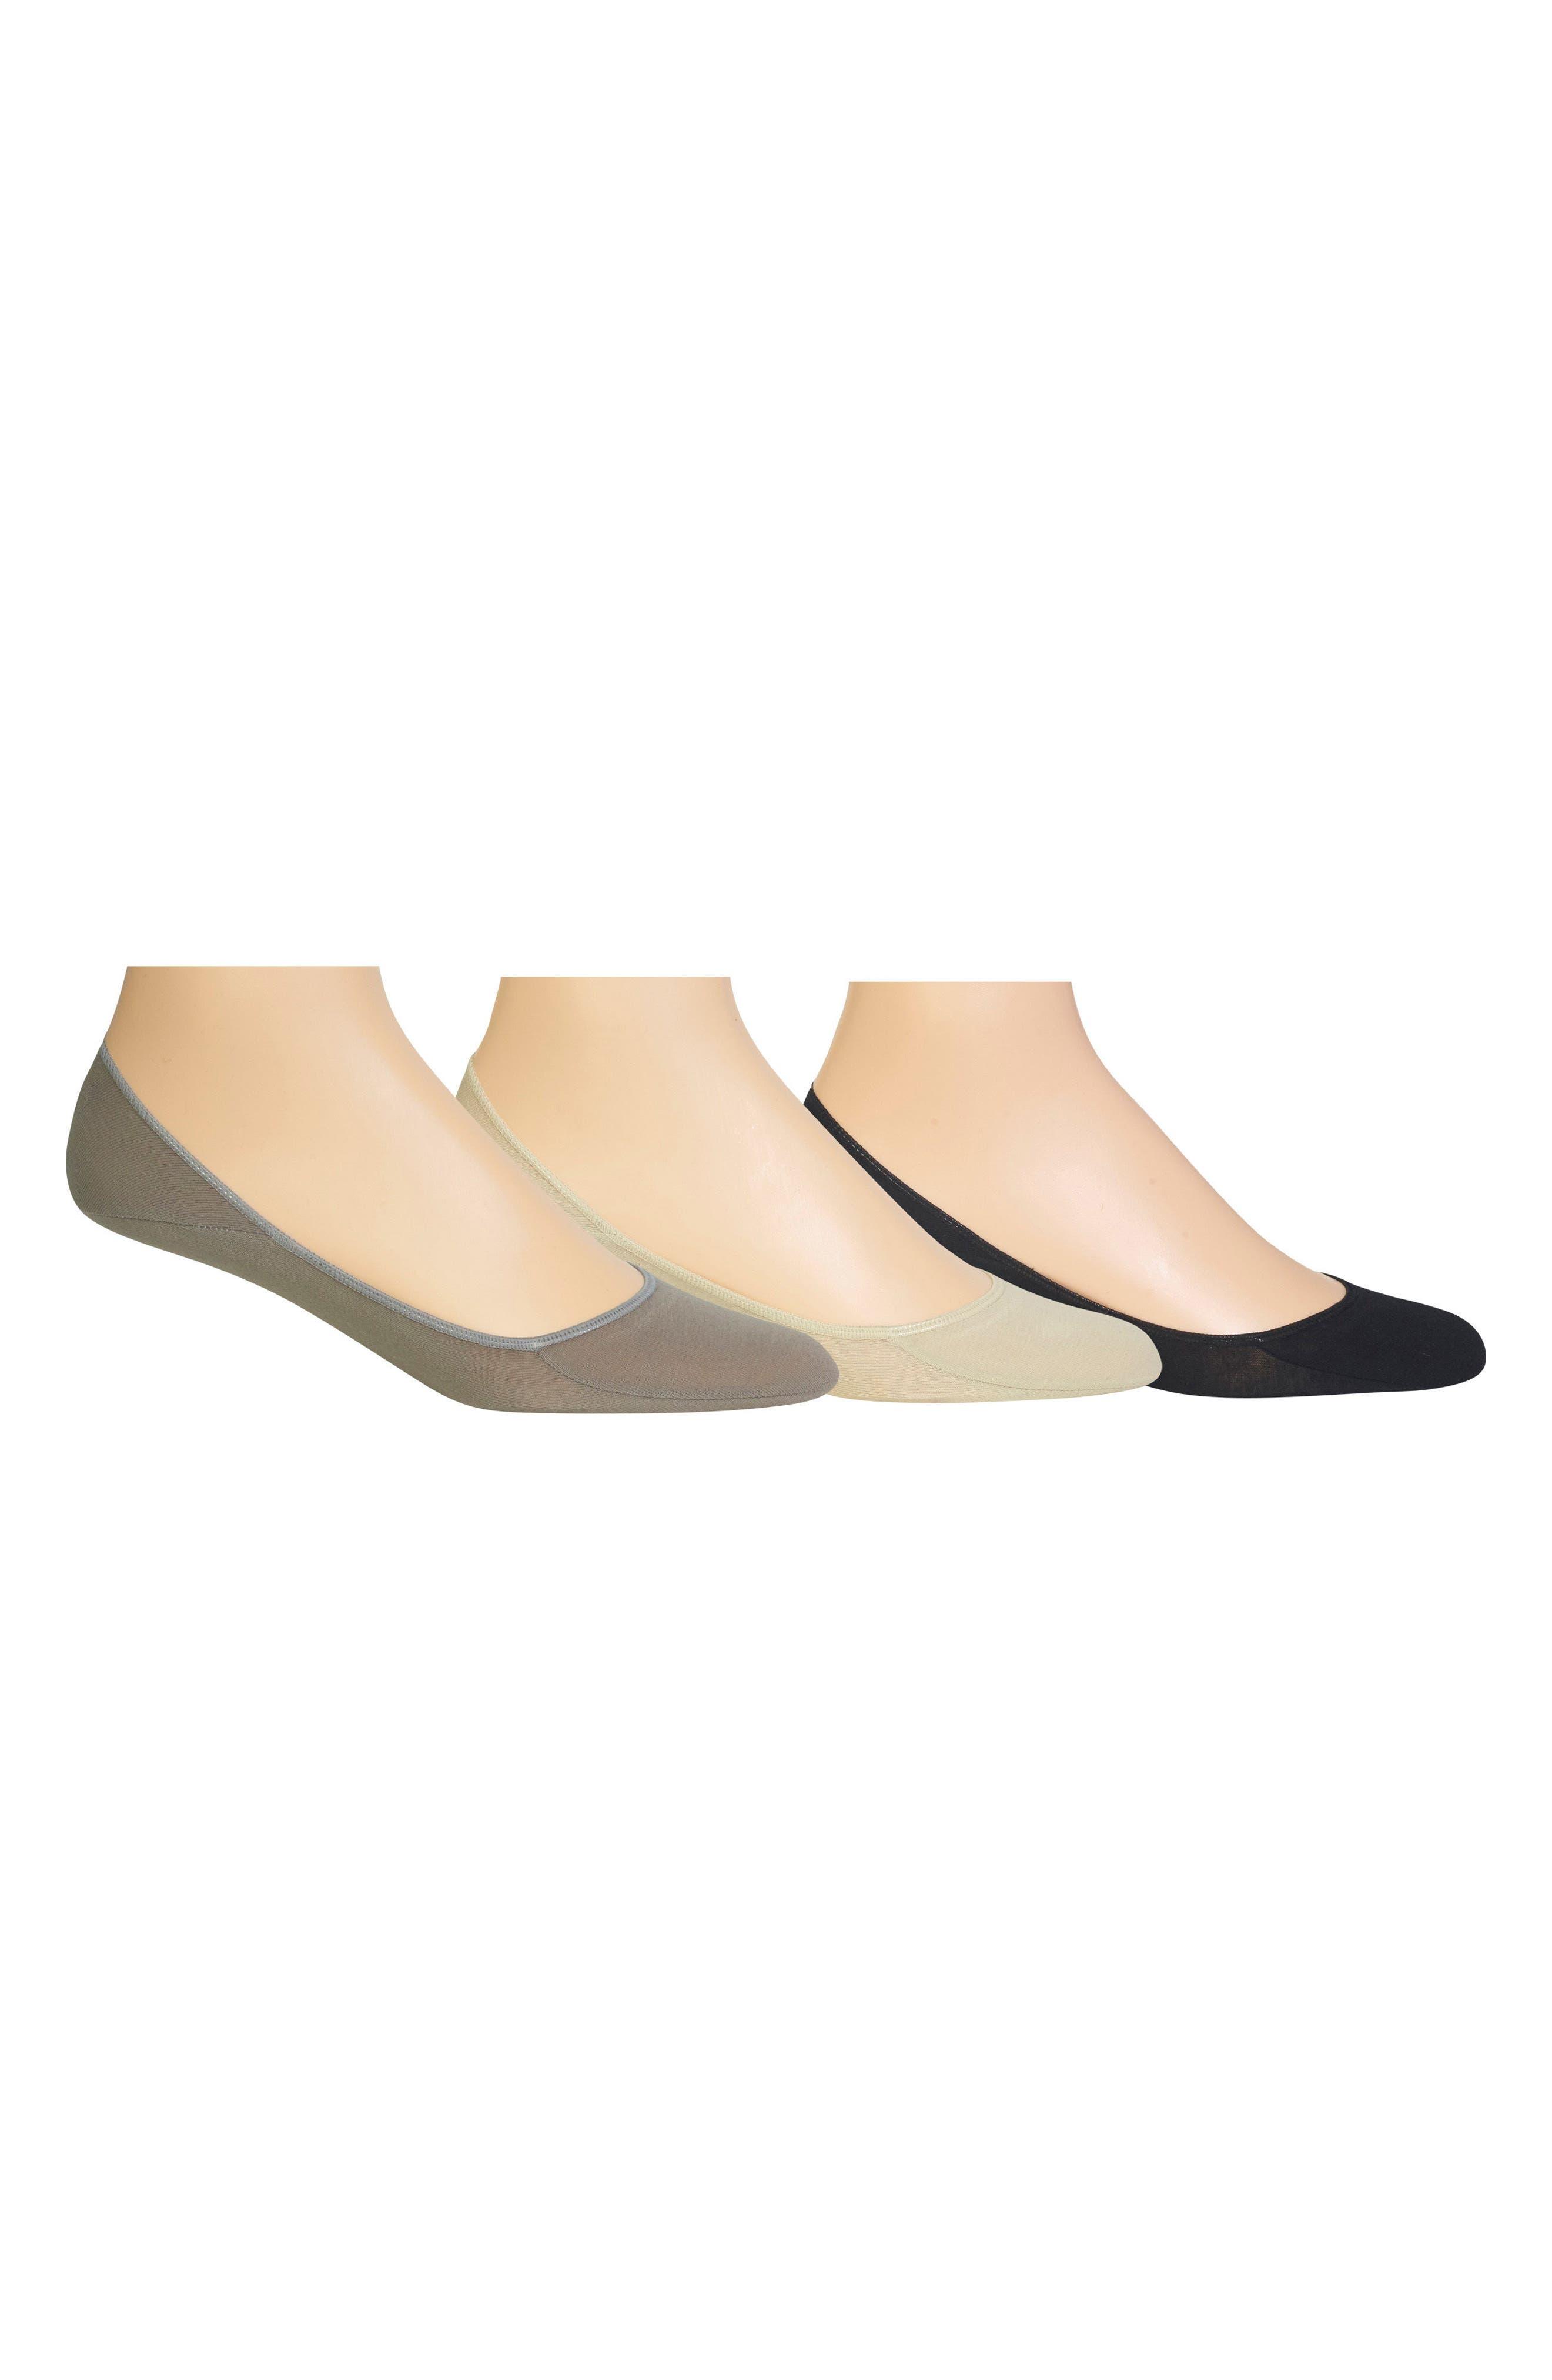 3-Pack Liner Socks,                         Main,                         color, Grey/ Oyster/ Black